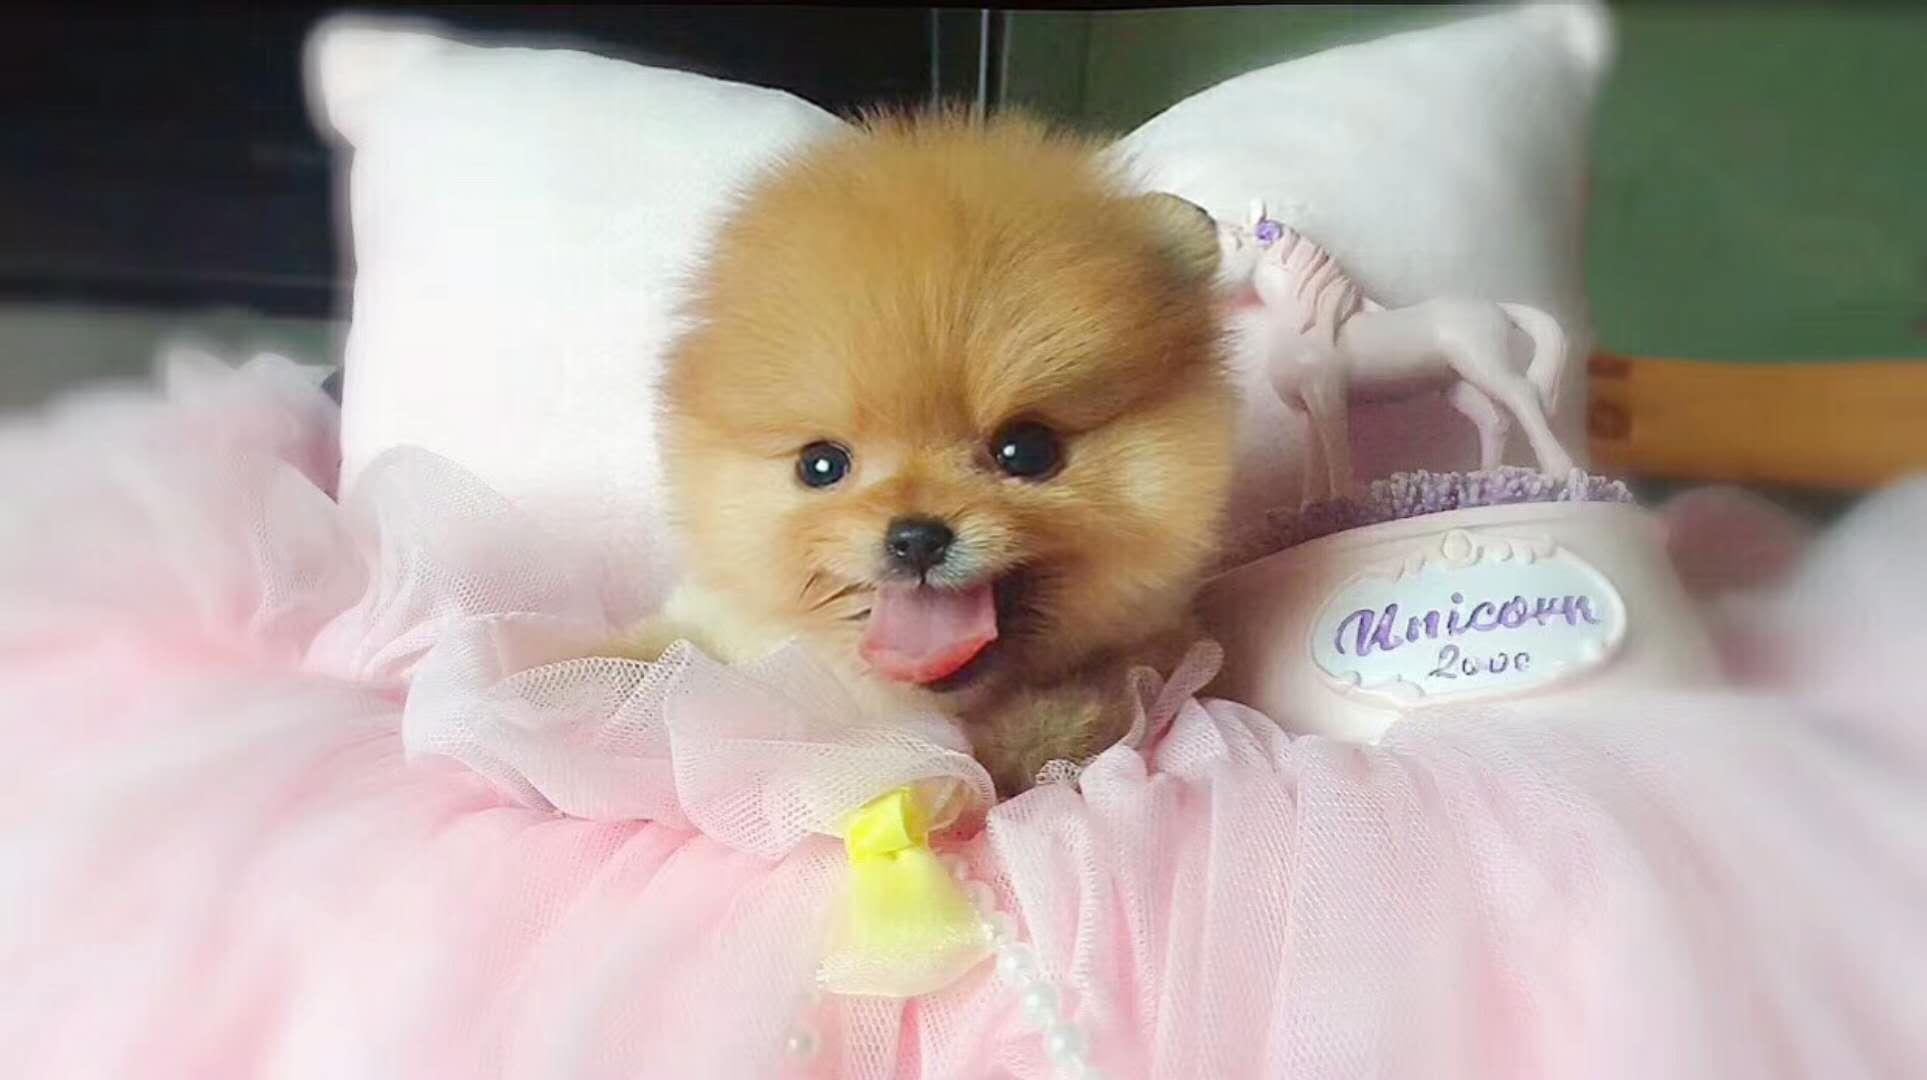 女神最受喜欢的 网红犬俊介宝宝出售7